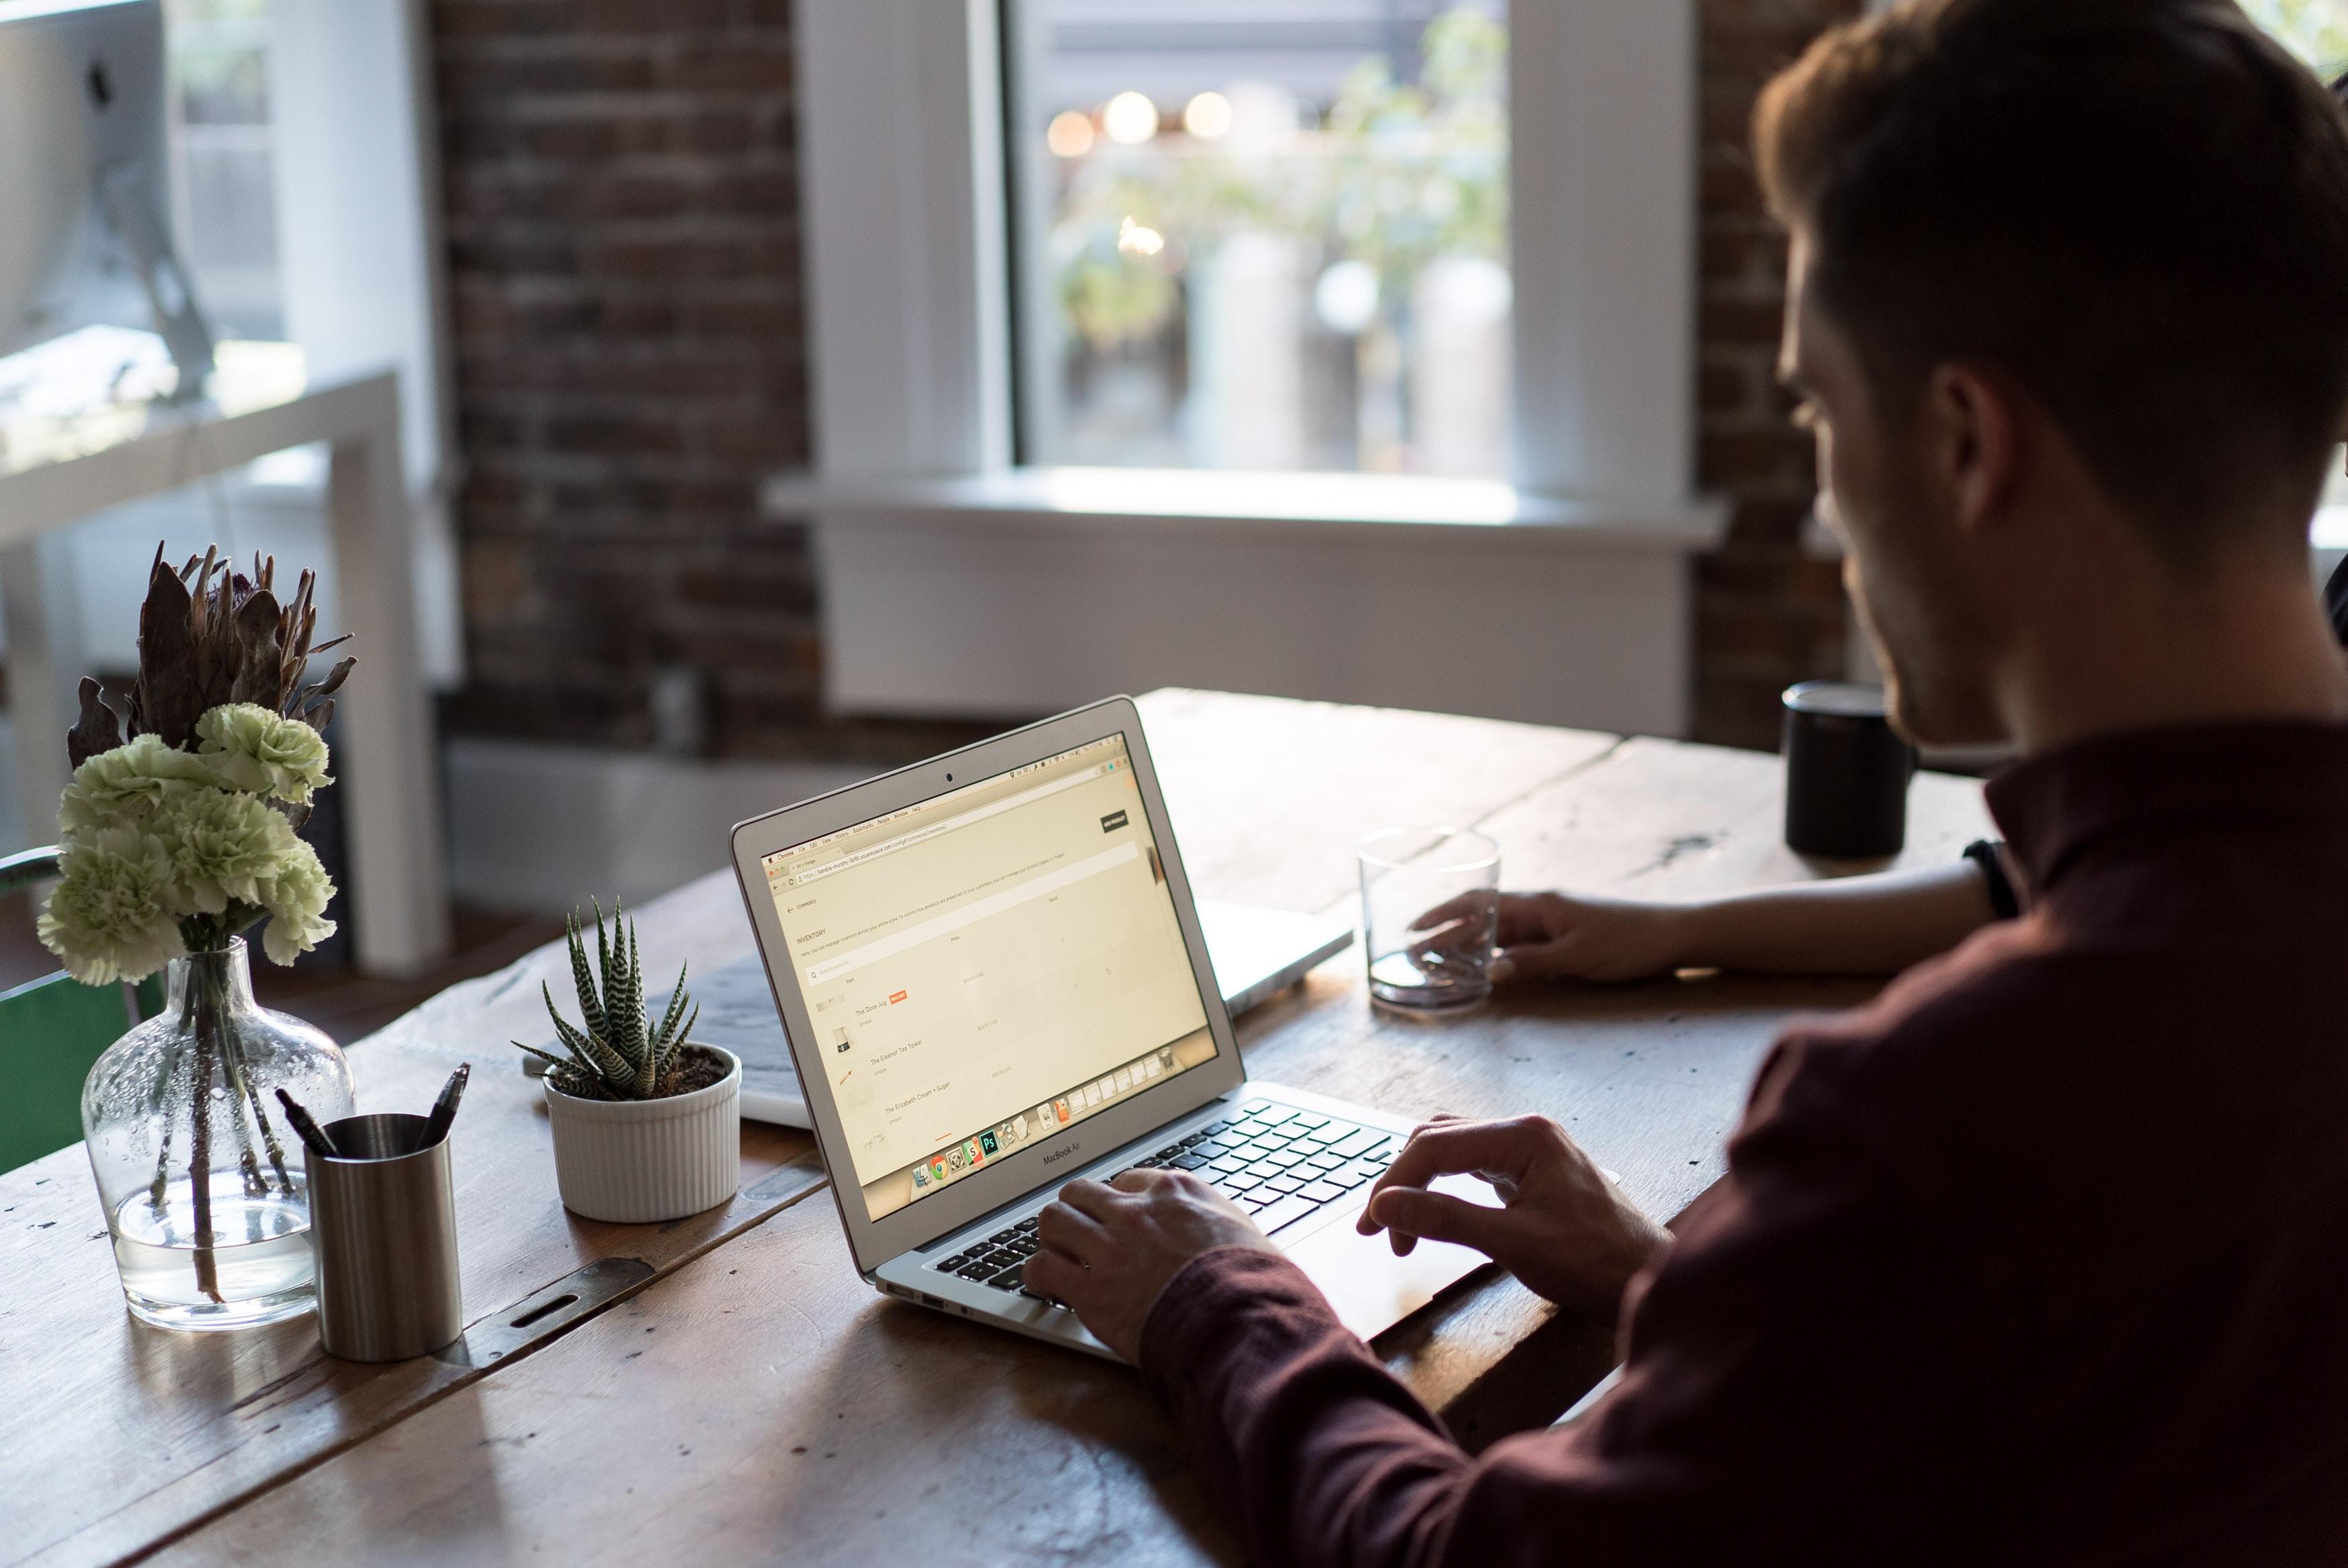 Kelebihan dan Kekurangan Bekerja Secara Remote